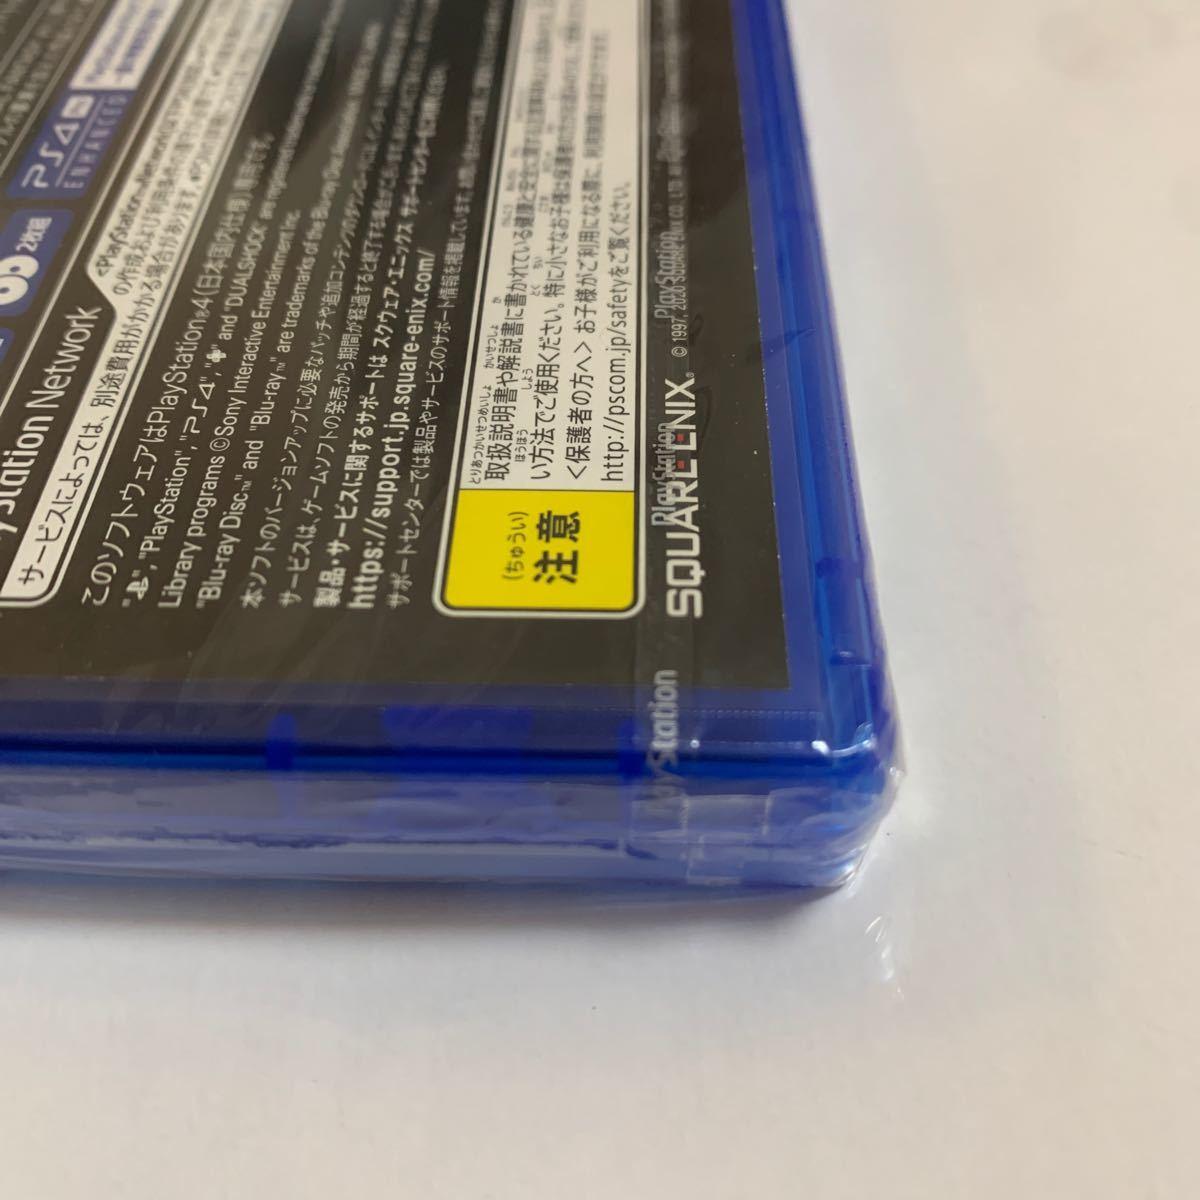 ファイナルファンタジー7 リメイク PS4 final fantasy7 REMAKE PS4 PS4ソフト 未開封